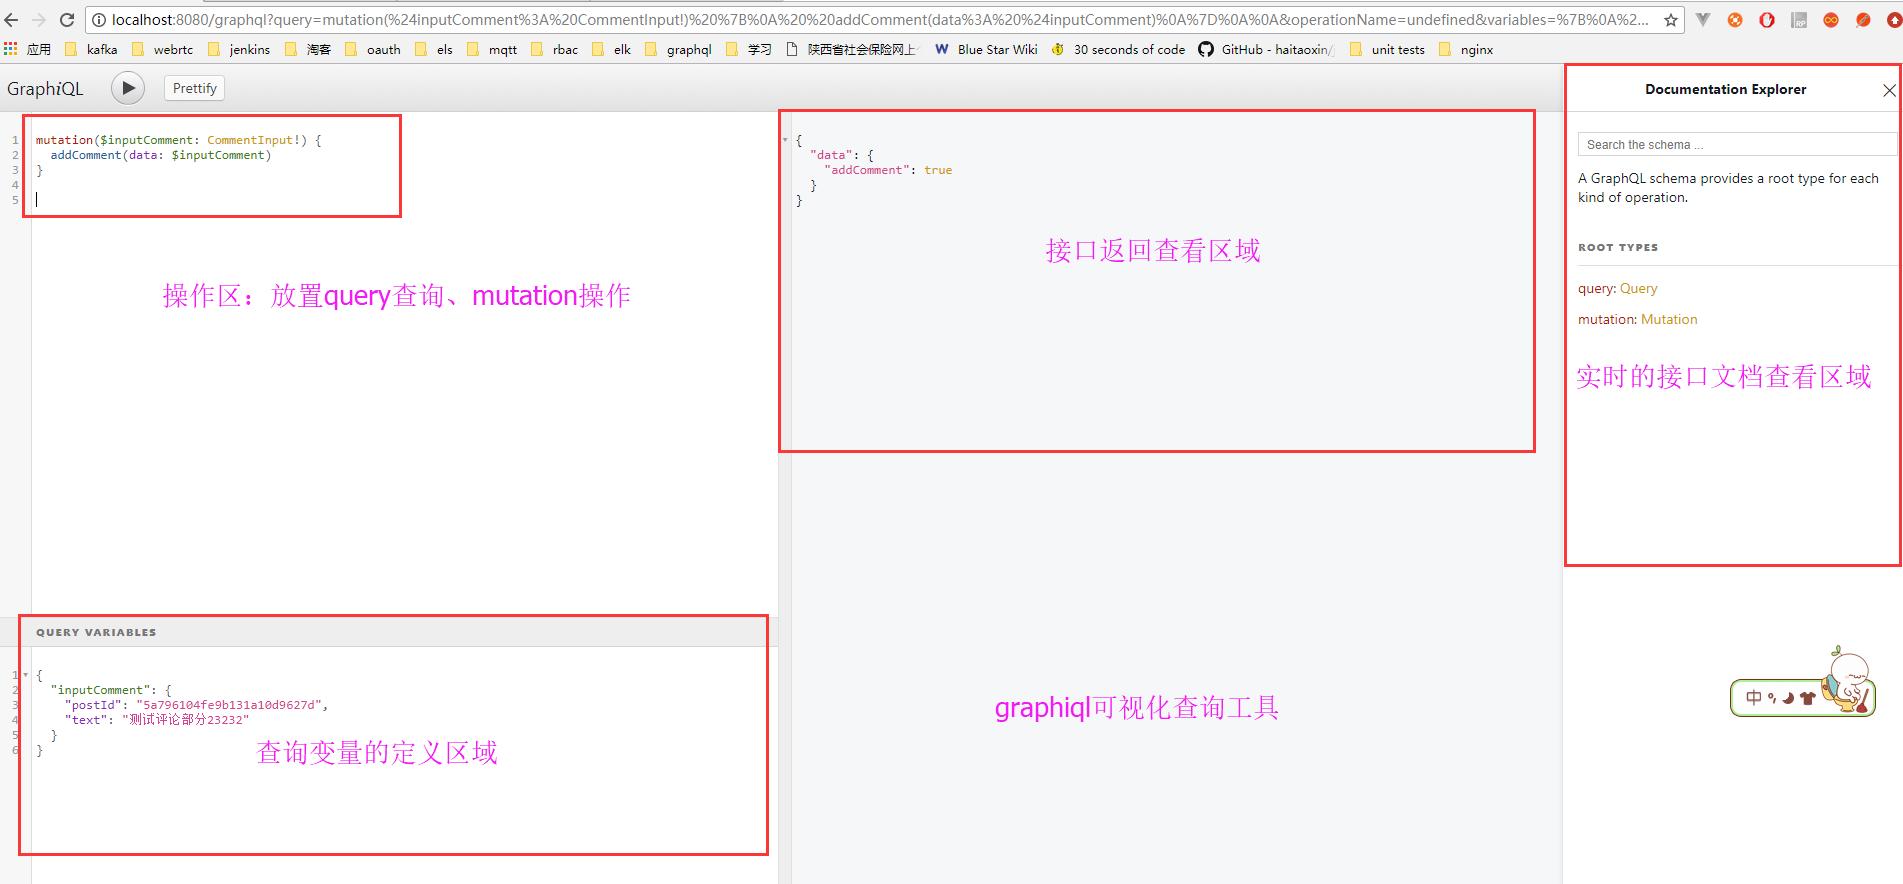 GraphQL介绍&使用nestjs构建GraphQL查询服务- 西安-晁州- 博客园